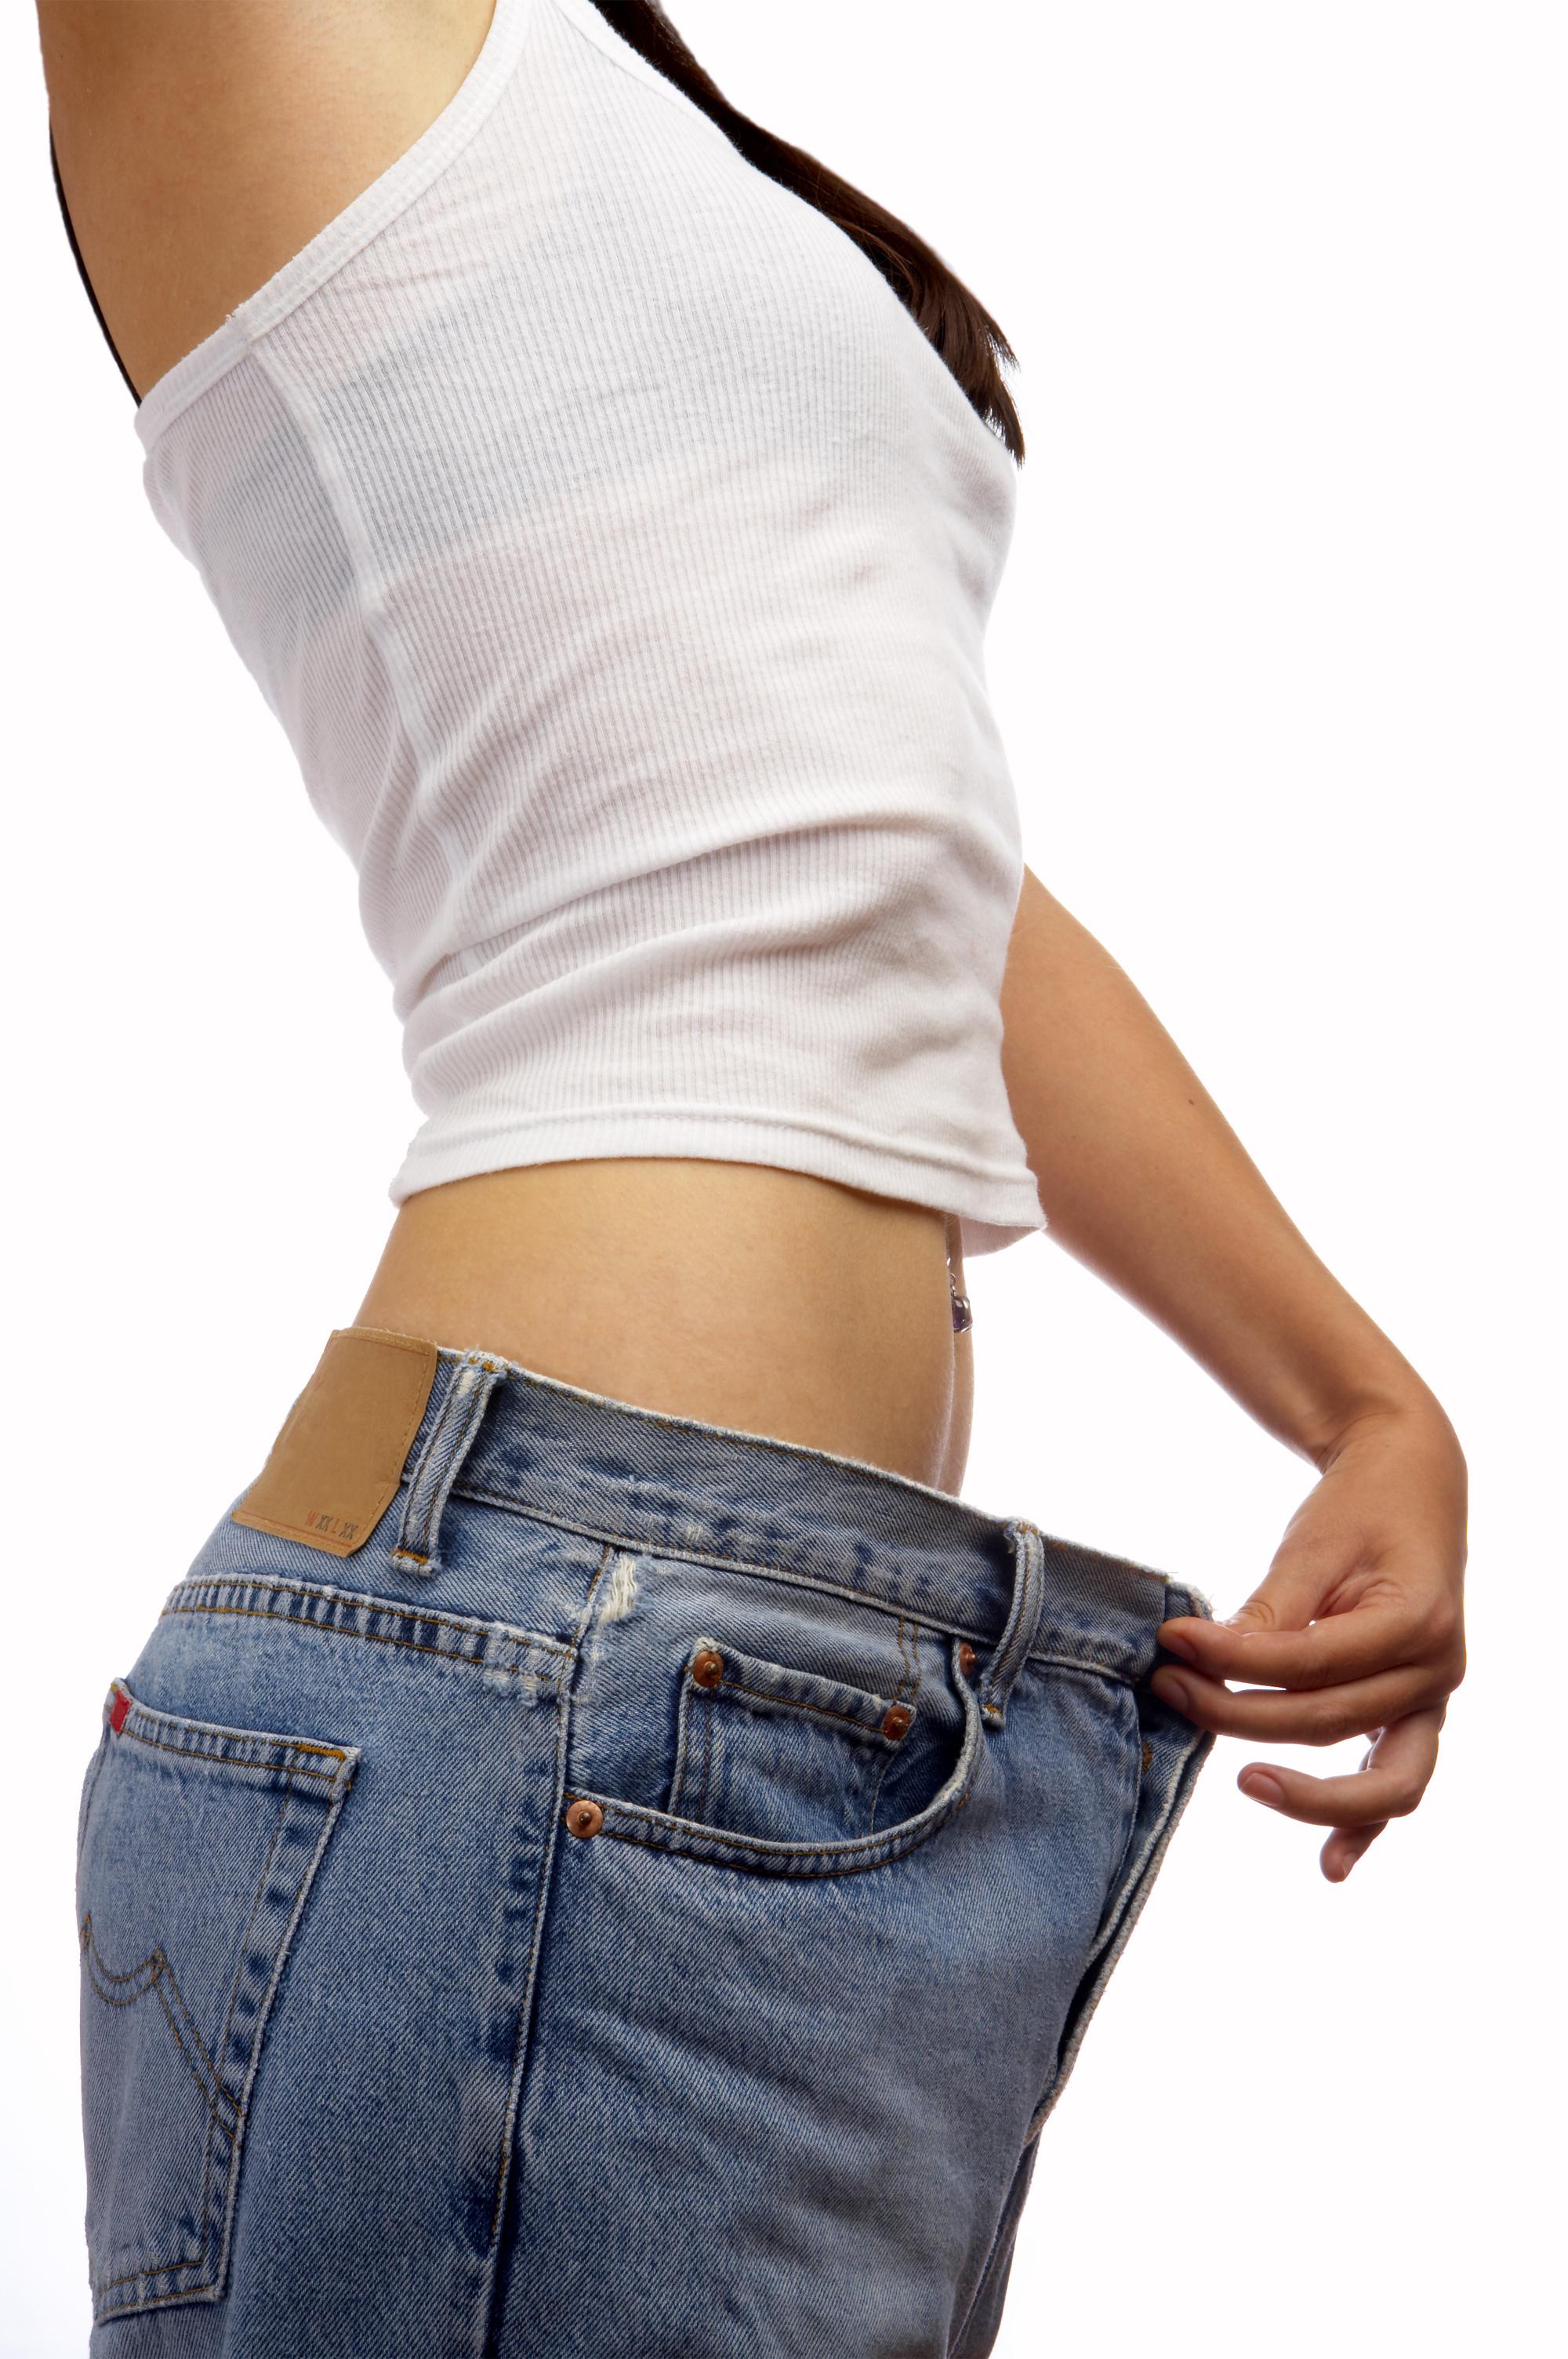 план питания для похудения мужчина